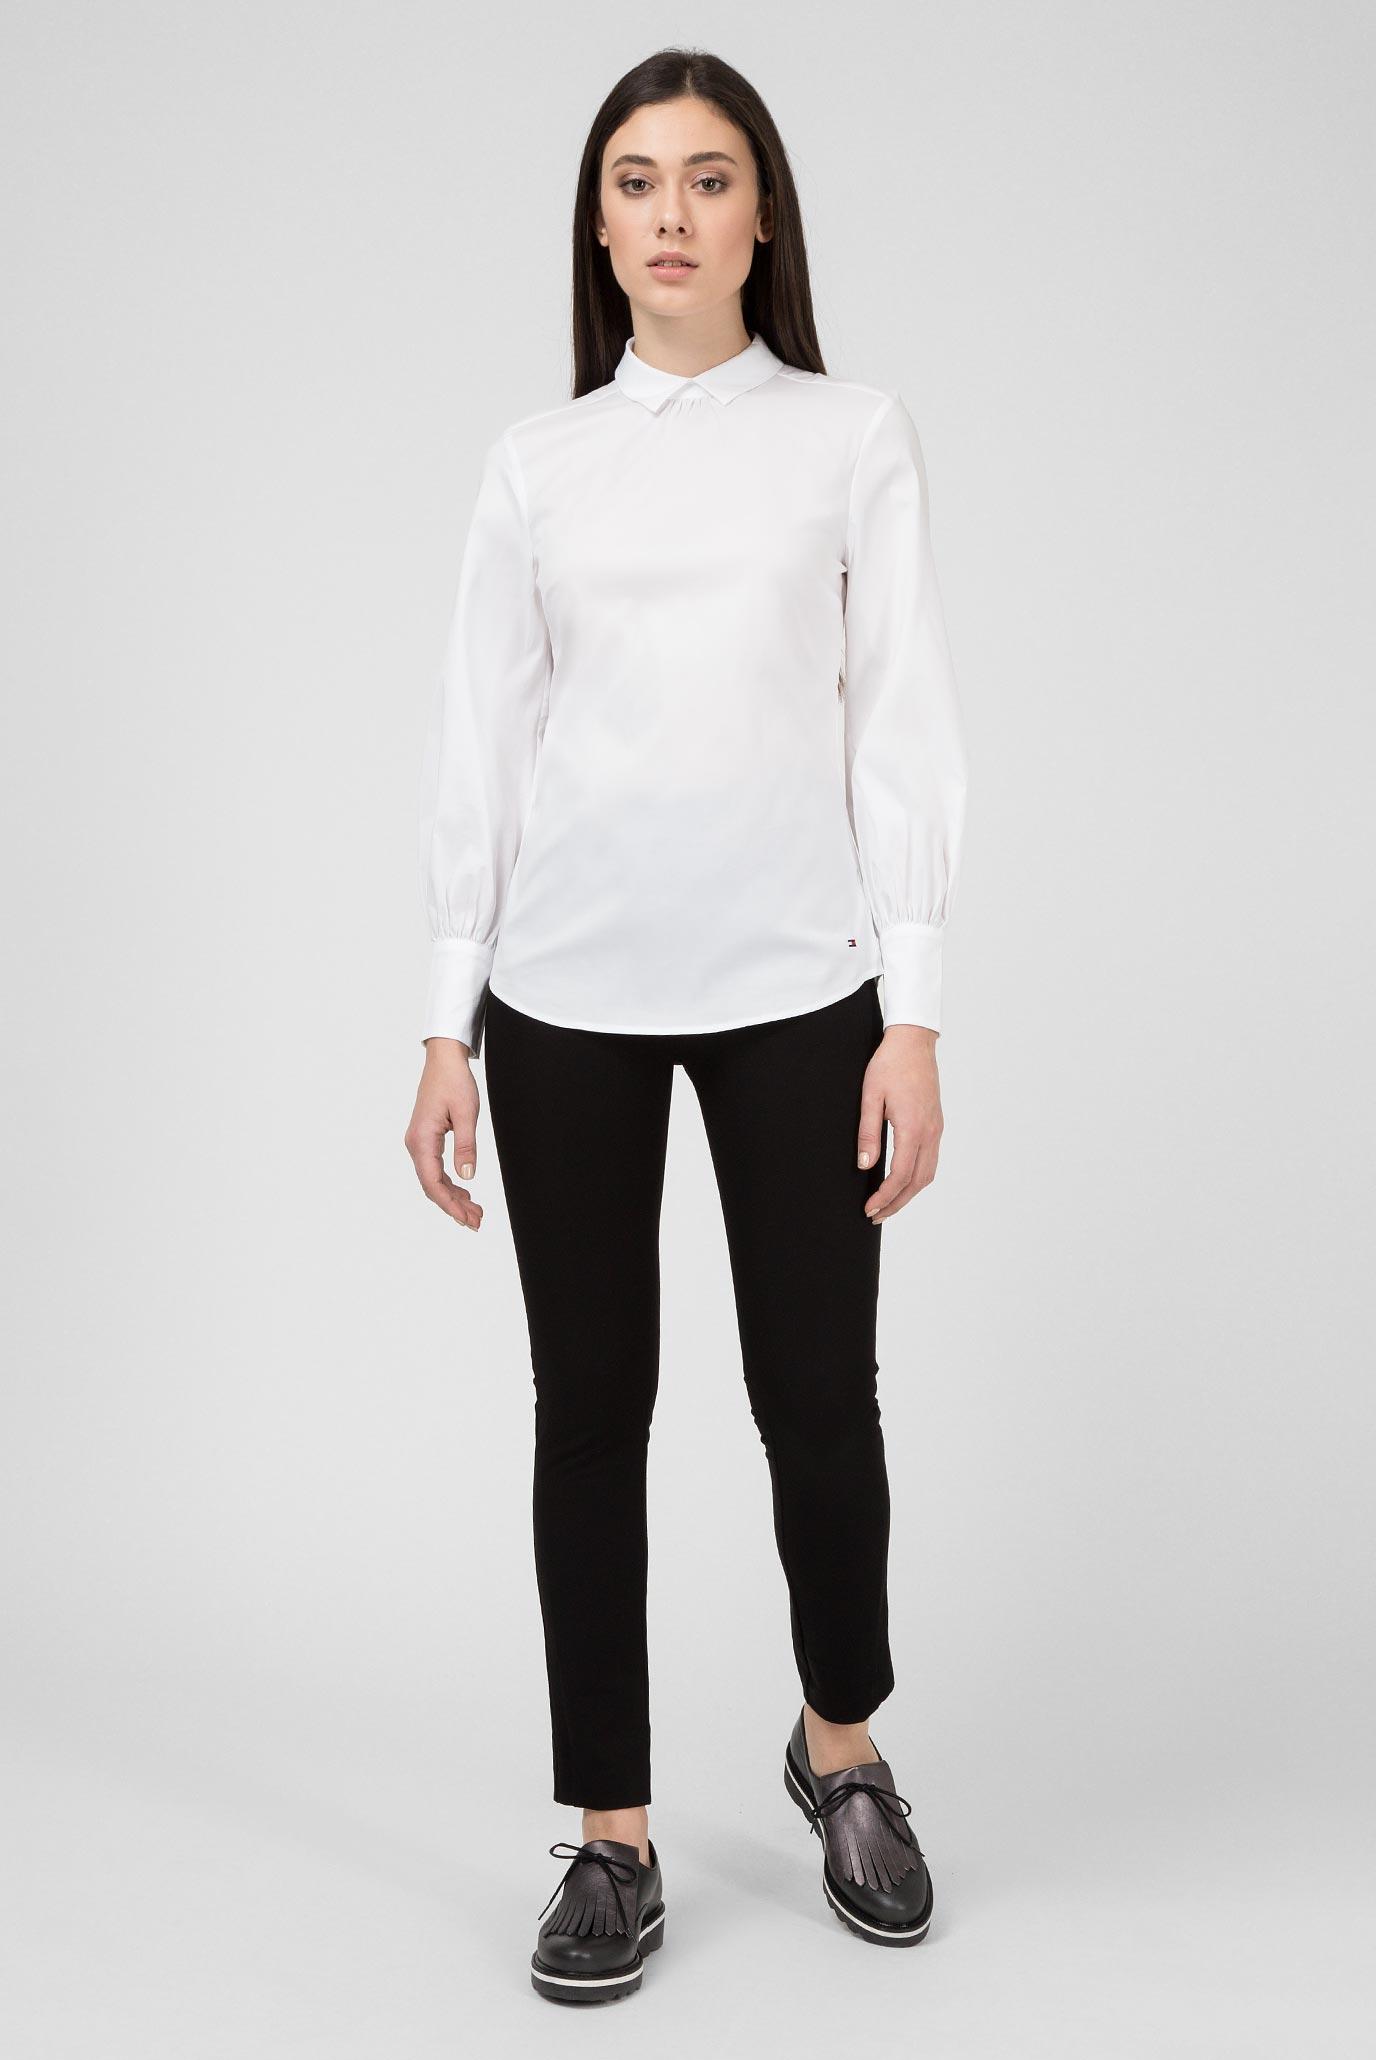 Купить Женская белая рубашка Tommy Hilfiger Tommy Hilfiger WW0WW23039 – Киев, Украина. Цены в интернет магазине MD Fashion